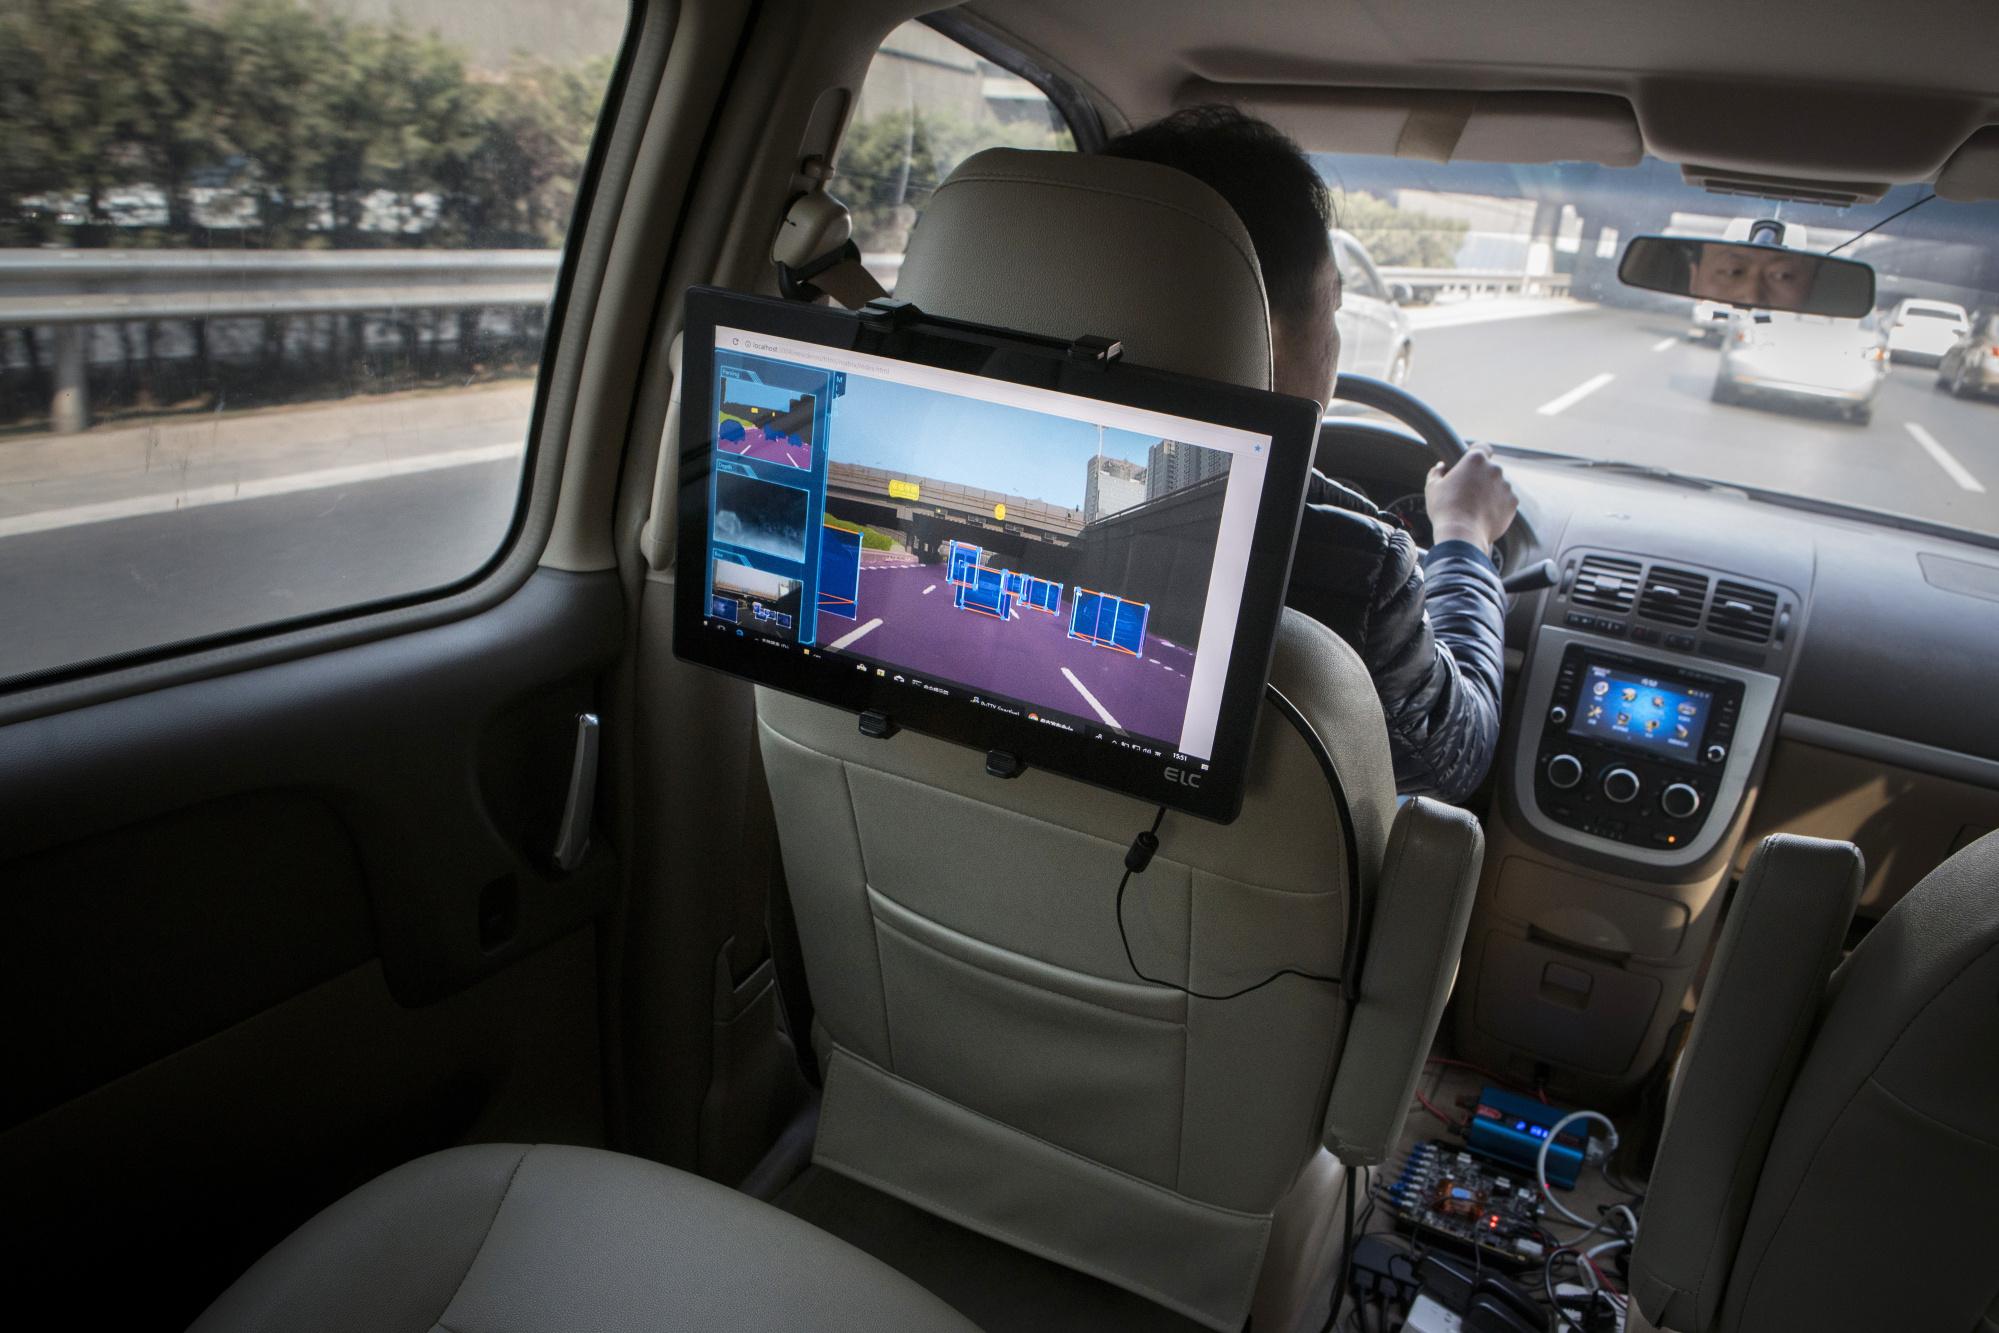 https://assets.sourcemedia.com/d1/8d/94a1eb3d47cb9a5f9d871a67ff1f/china-autonomous-cars.jpg